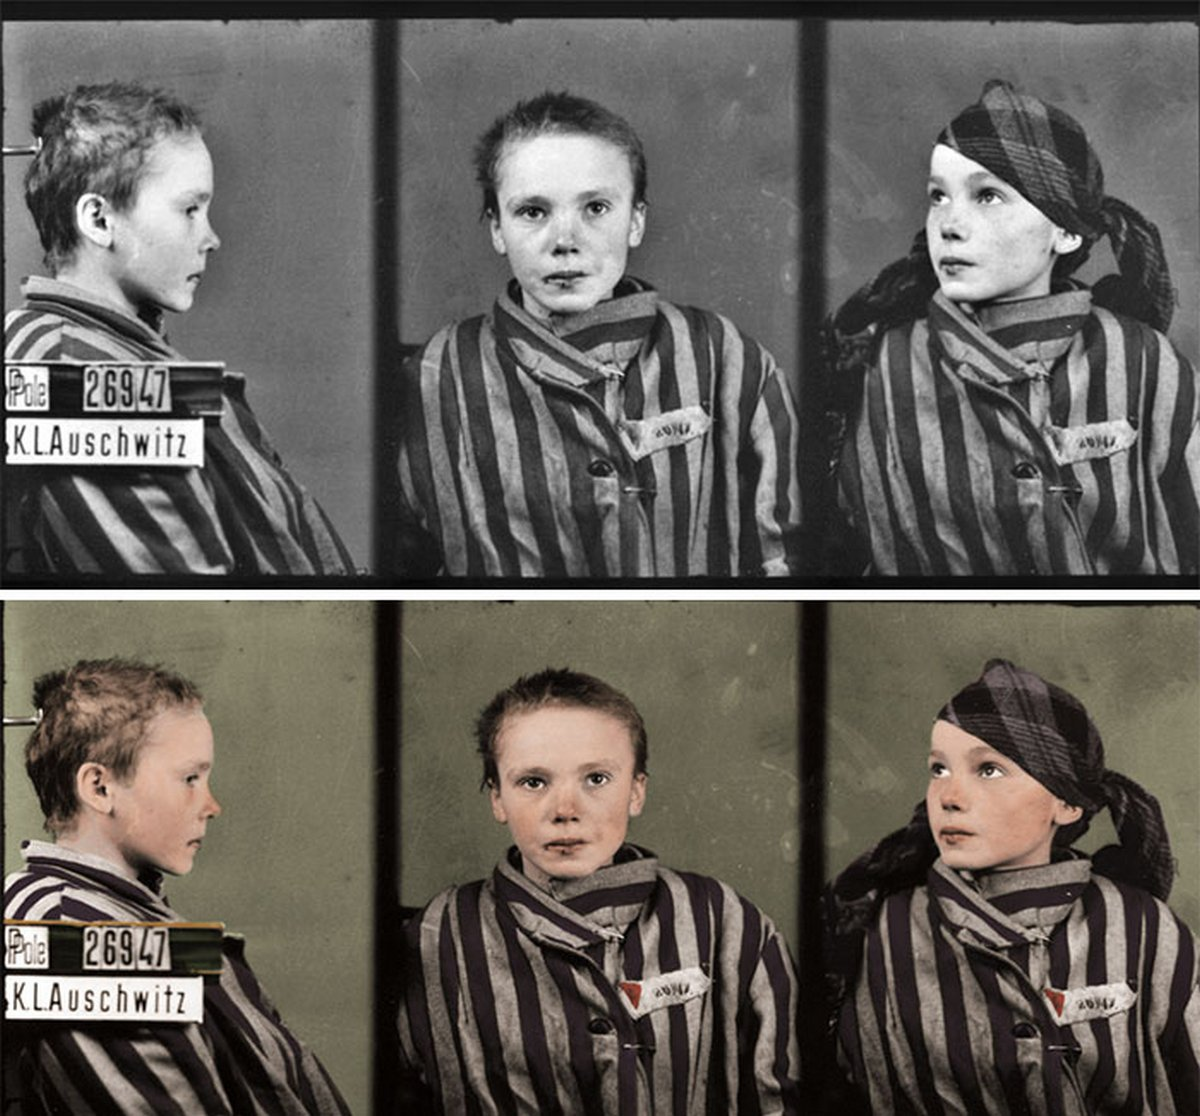 J'ai remarqué que certaines personnes ne savent pas grand-chose de l'Holocauste, alors j'ai colorisé ces clichés